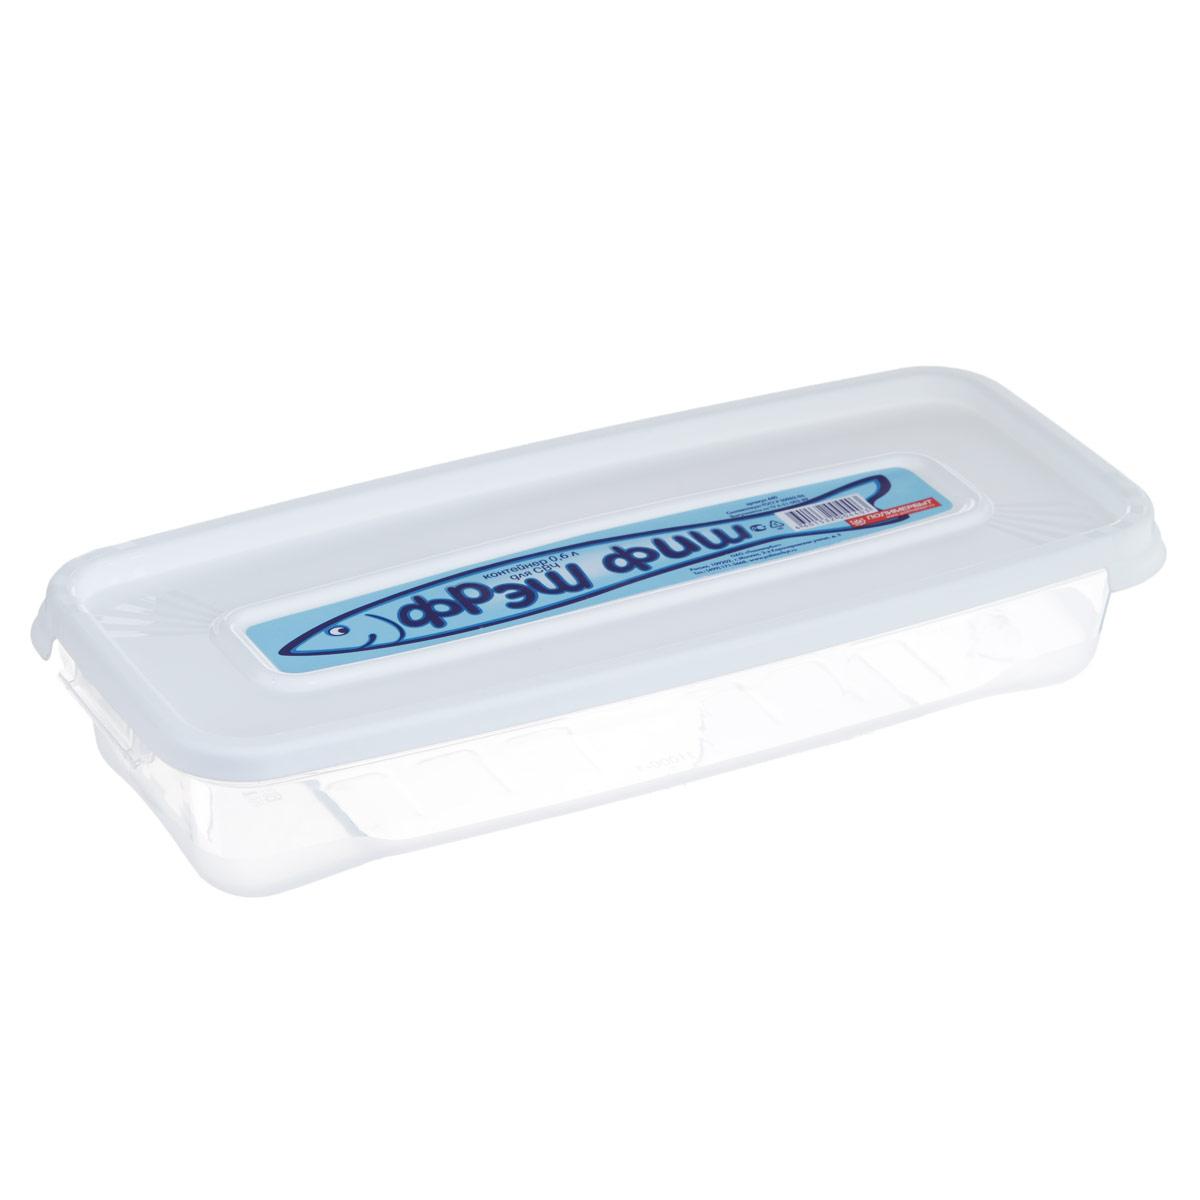 Контейнер для СВЧ Полимербыт Фреш Фиш, цвет: белый, 0,6 л. С440Z-0307Прямоугольный контейнер Полимербыт Фреш Фиш предназначен для хранения пищевых продуктов и не только. Он выполнен из высококачественного пластика. Крышка легко и плотно закрывается. Контейнер устойчив к воздействию масел и жиров, легко моется. Подходит для использования в микроволновых печах. Пищевые контейнеры необыкновенно удобны: в них можно брать еду на работу, за город, ребенку в школу. Именно поэтому они обретают все большую популярность.